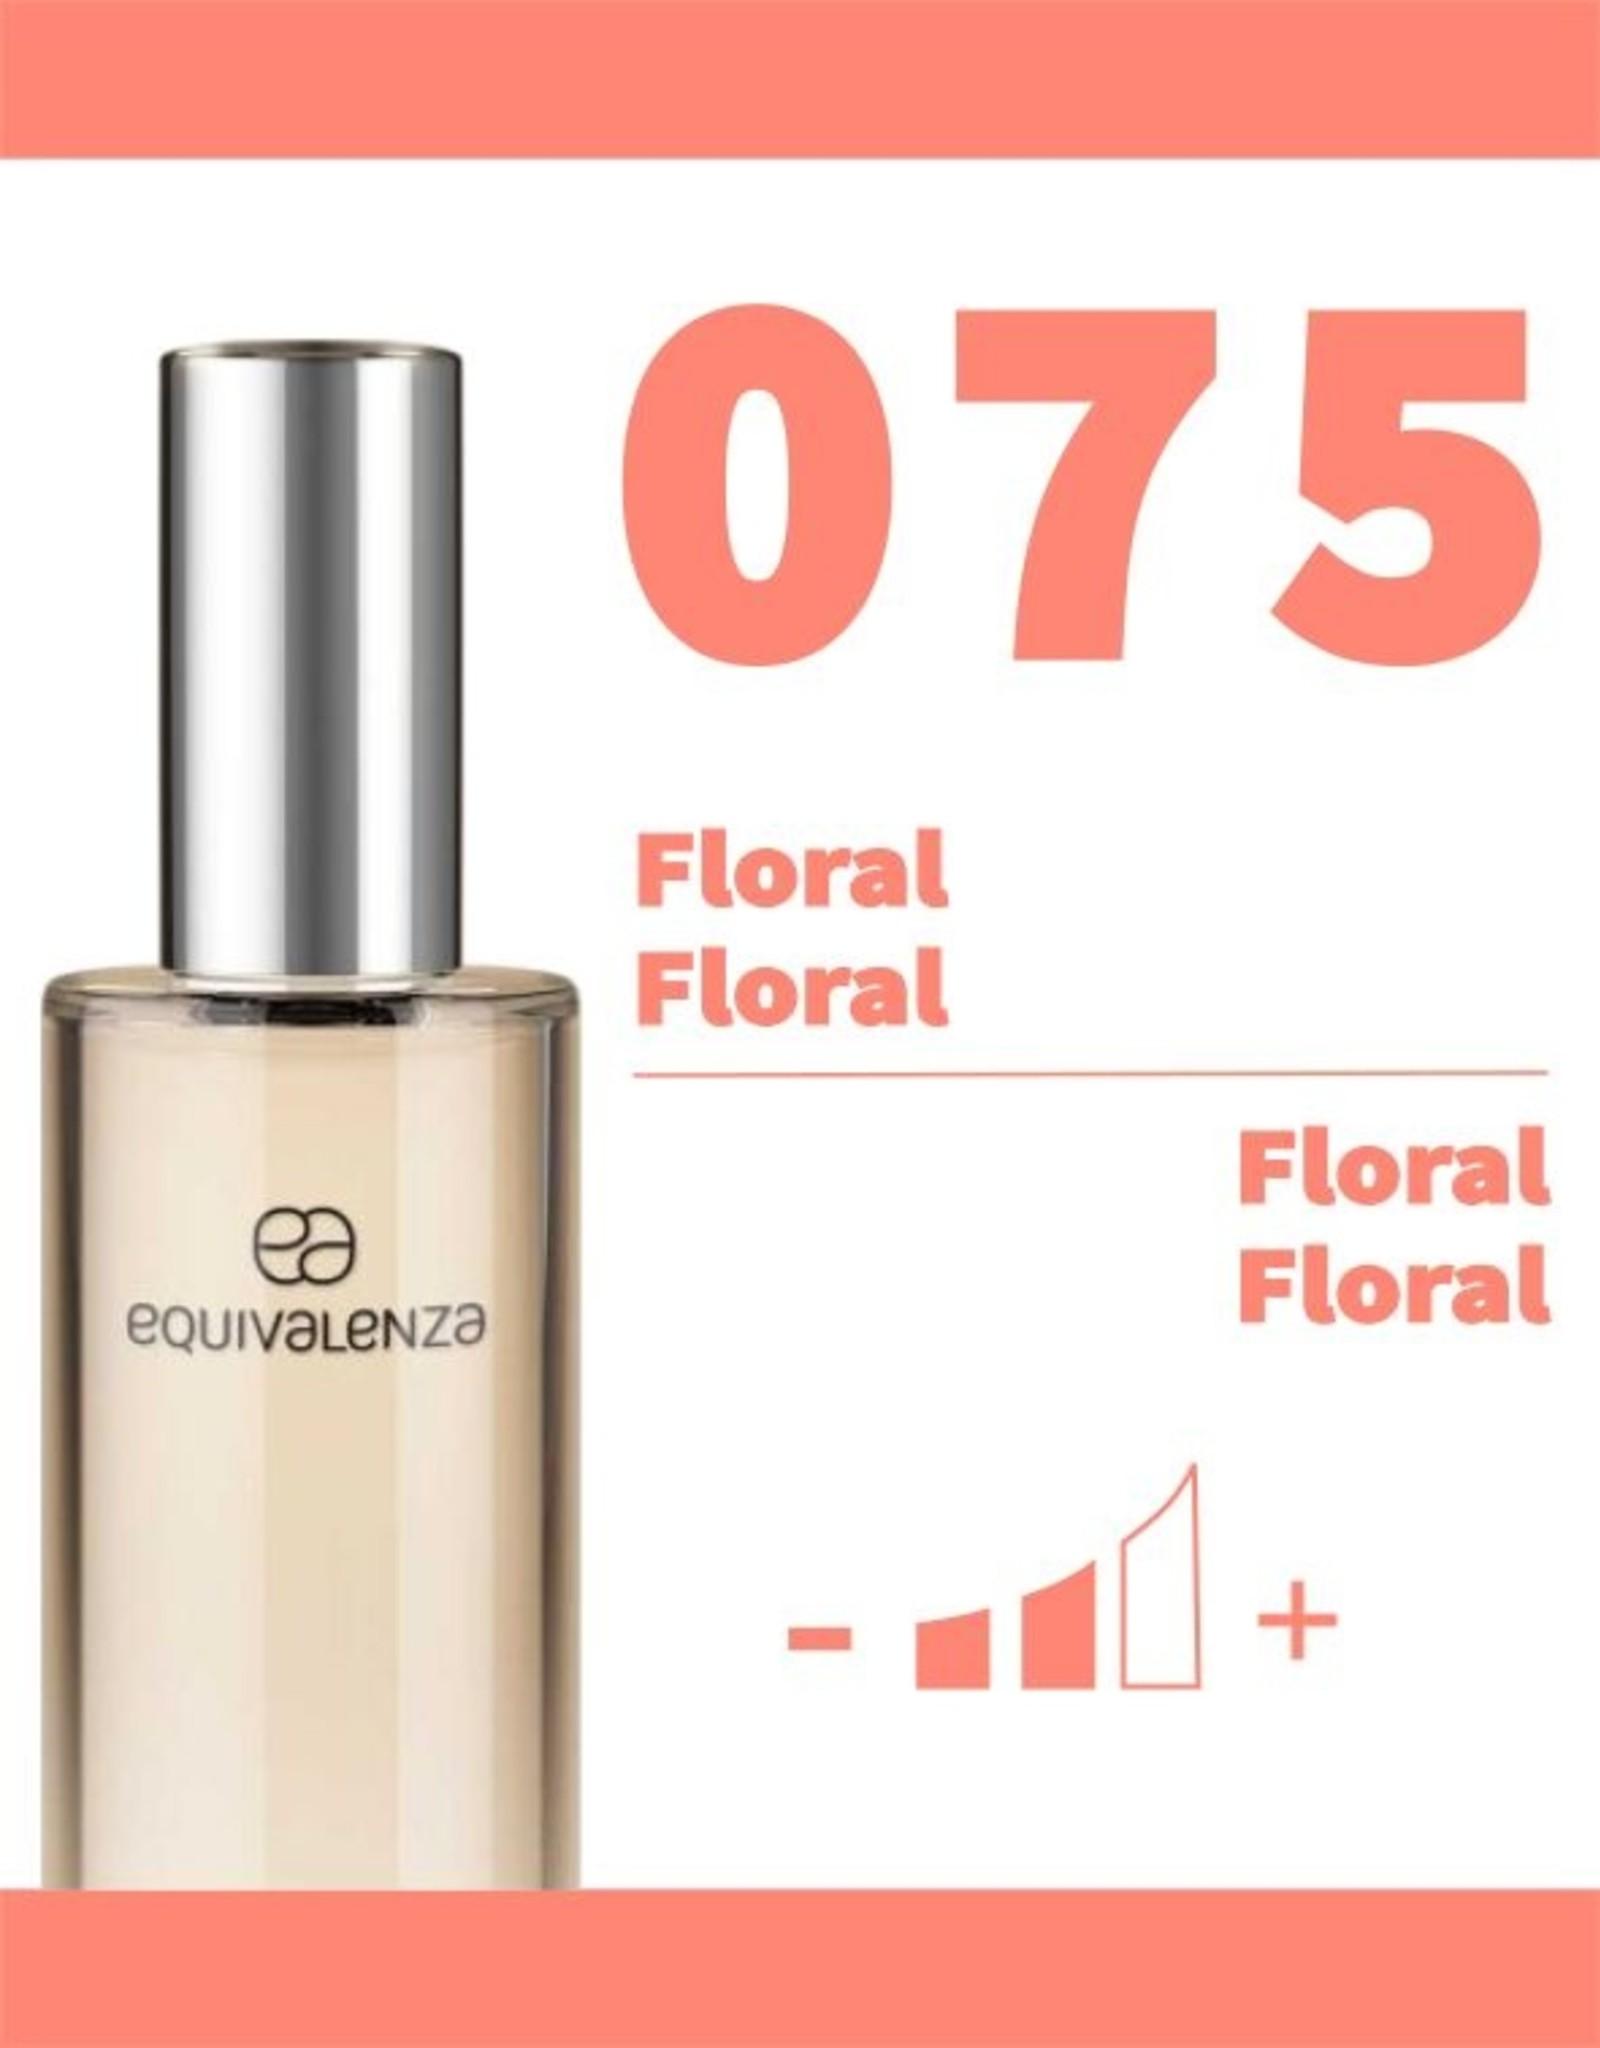 Equivalenza Eau de Parfum Floral Floral 075